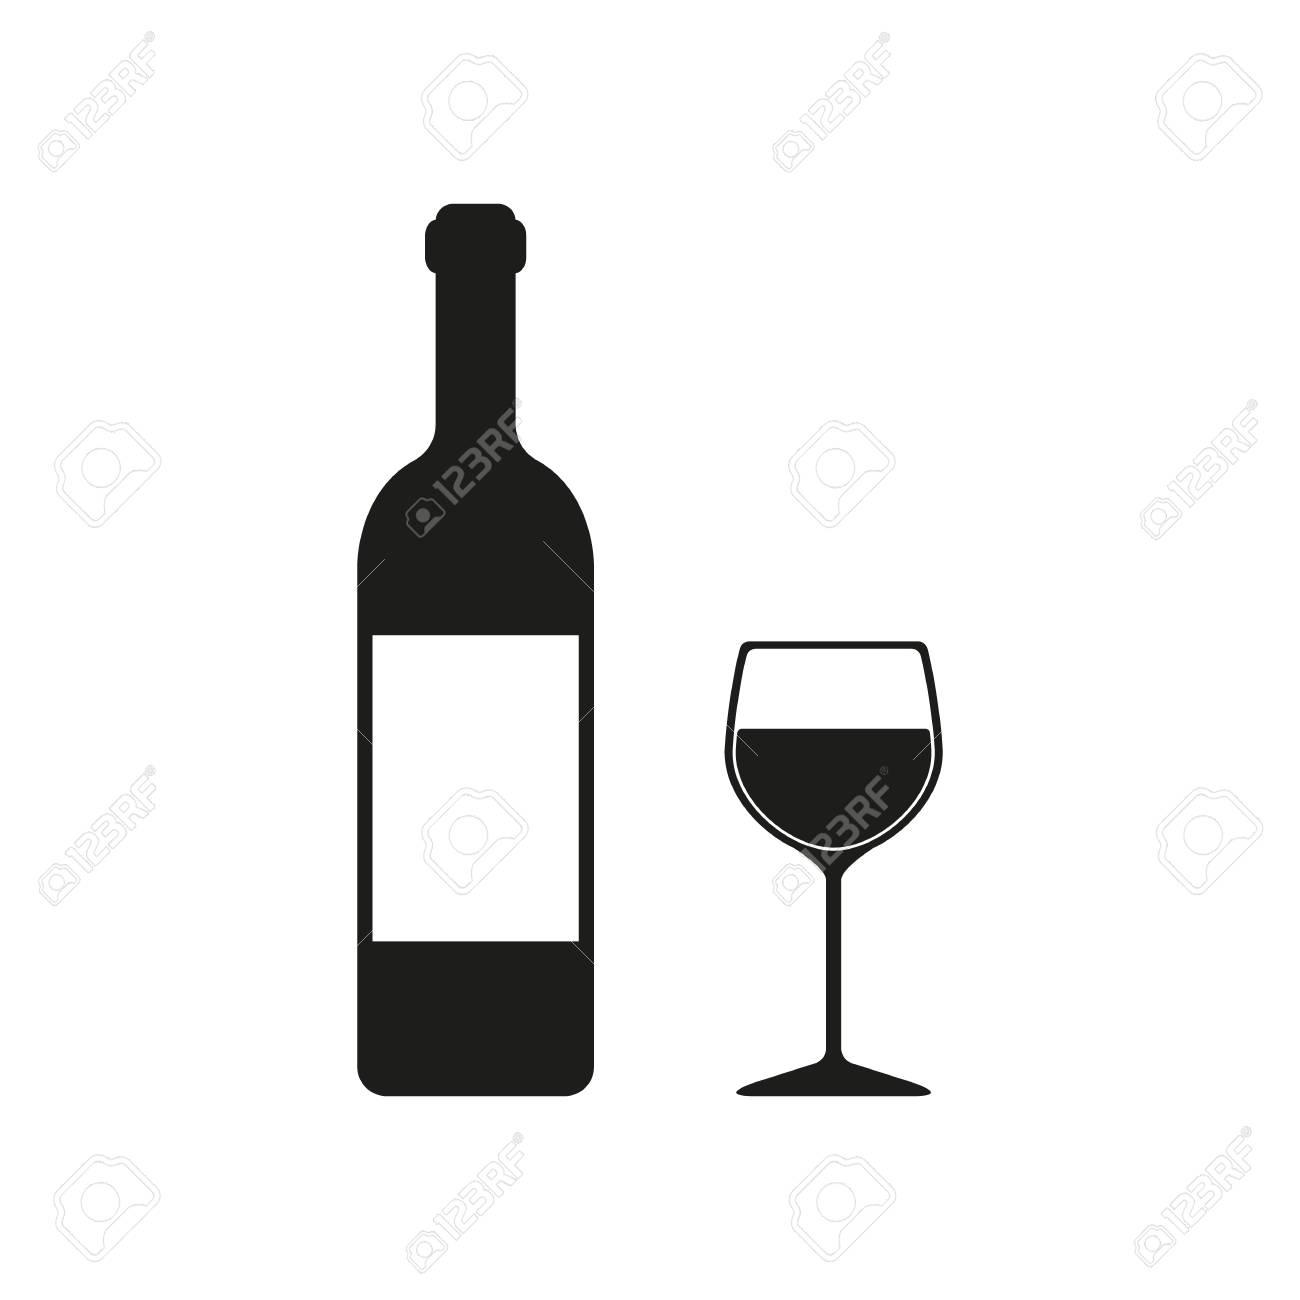 La bouteille de vin et un verre de boisson icône. symbole de vin. Flat Vector illustration